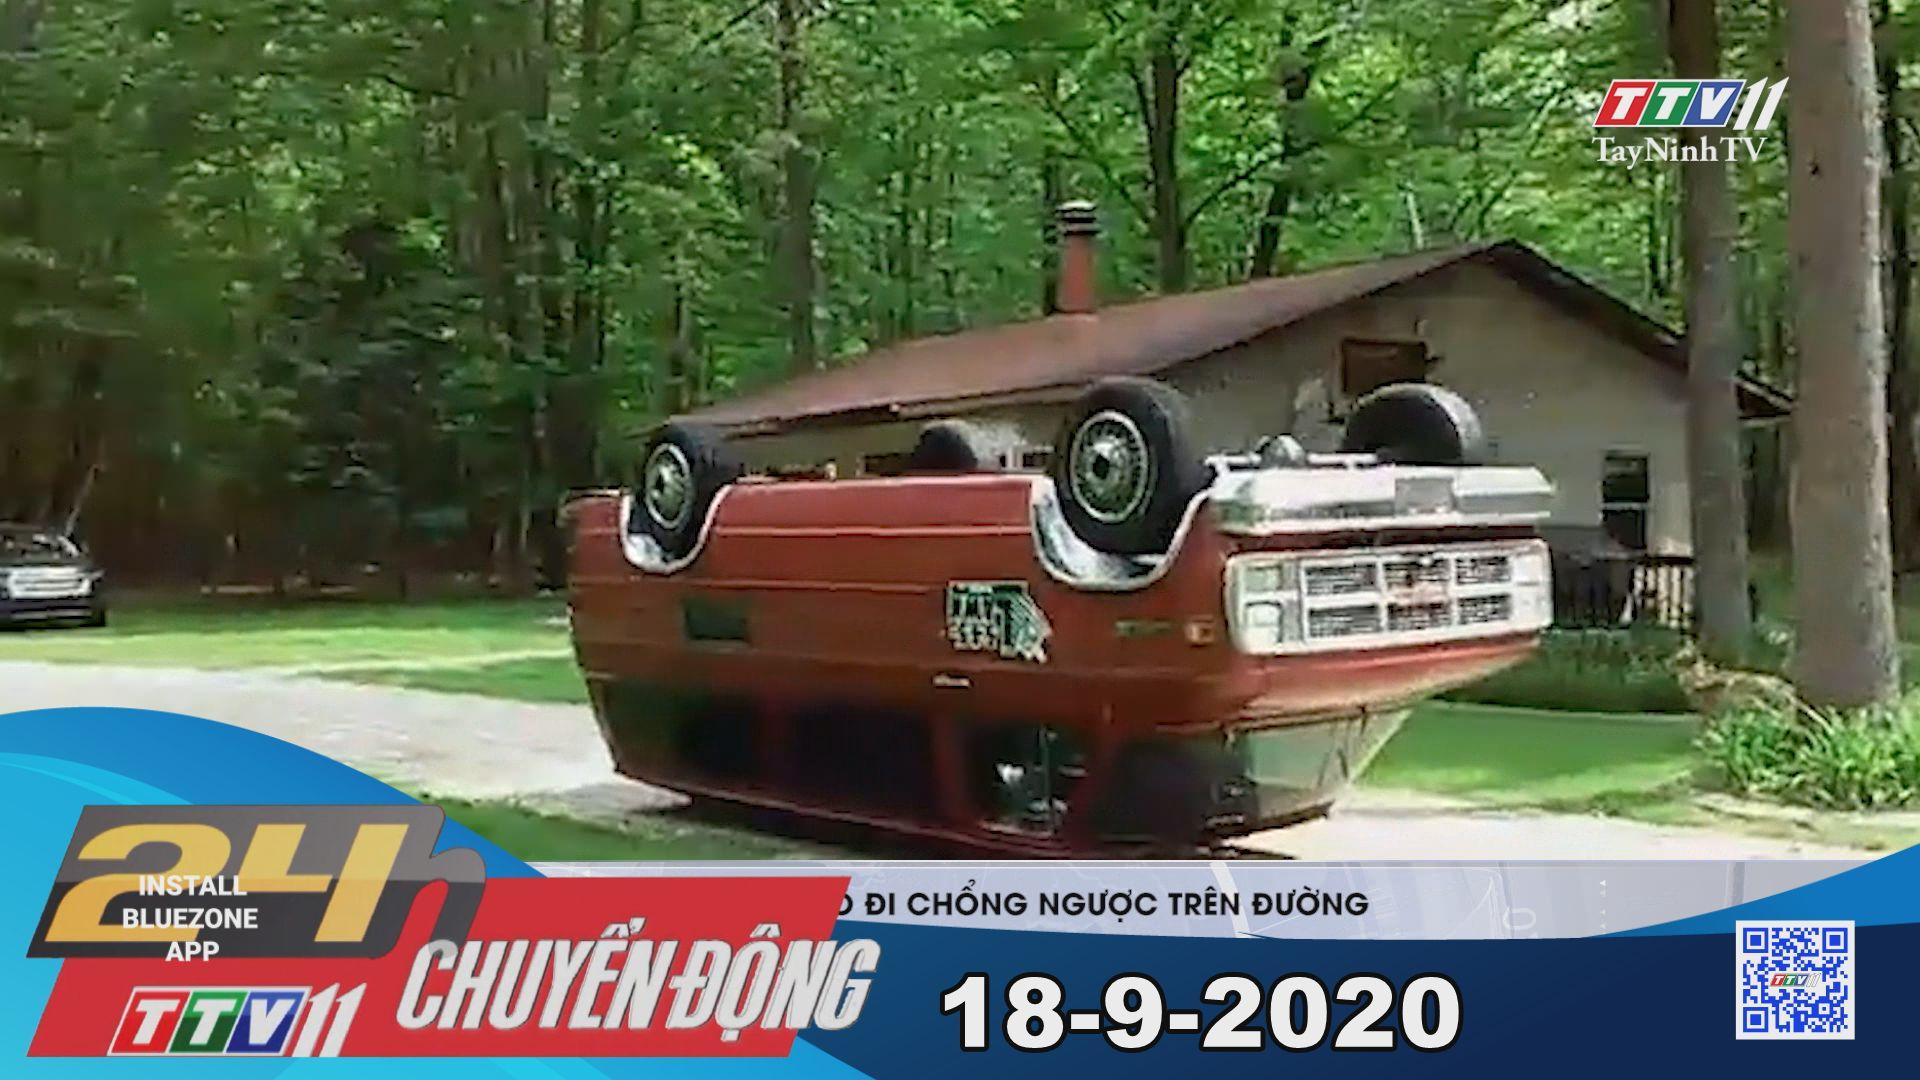 24h Chuyển động 18-9-2020 | Tin tức hôm nay | TayNinhTV